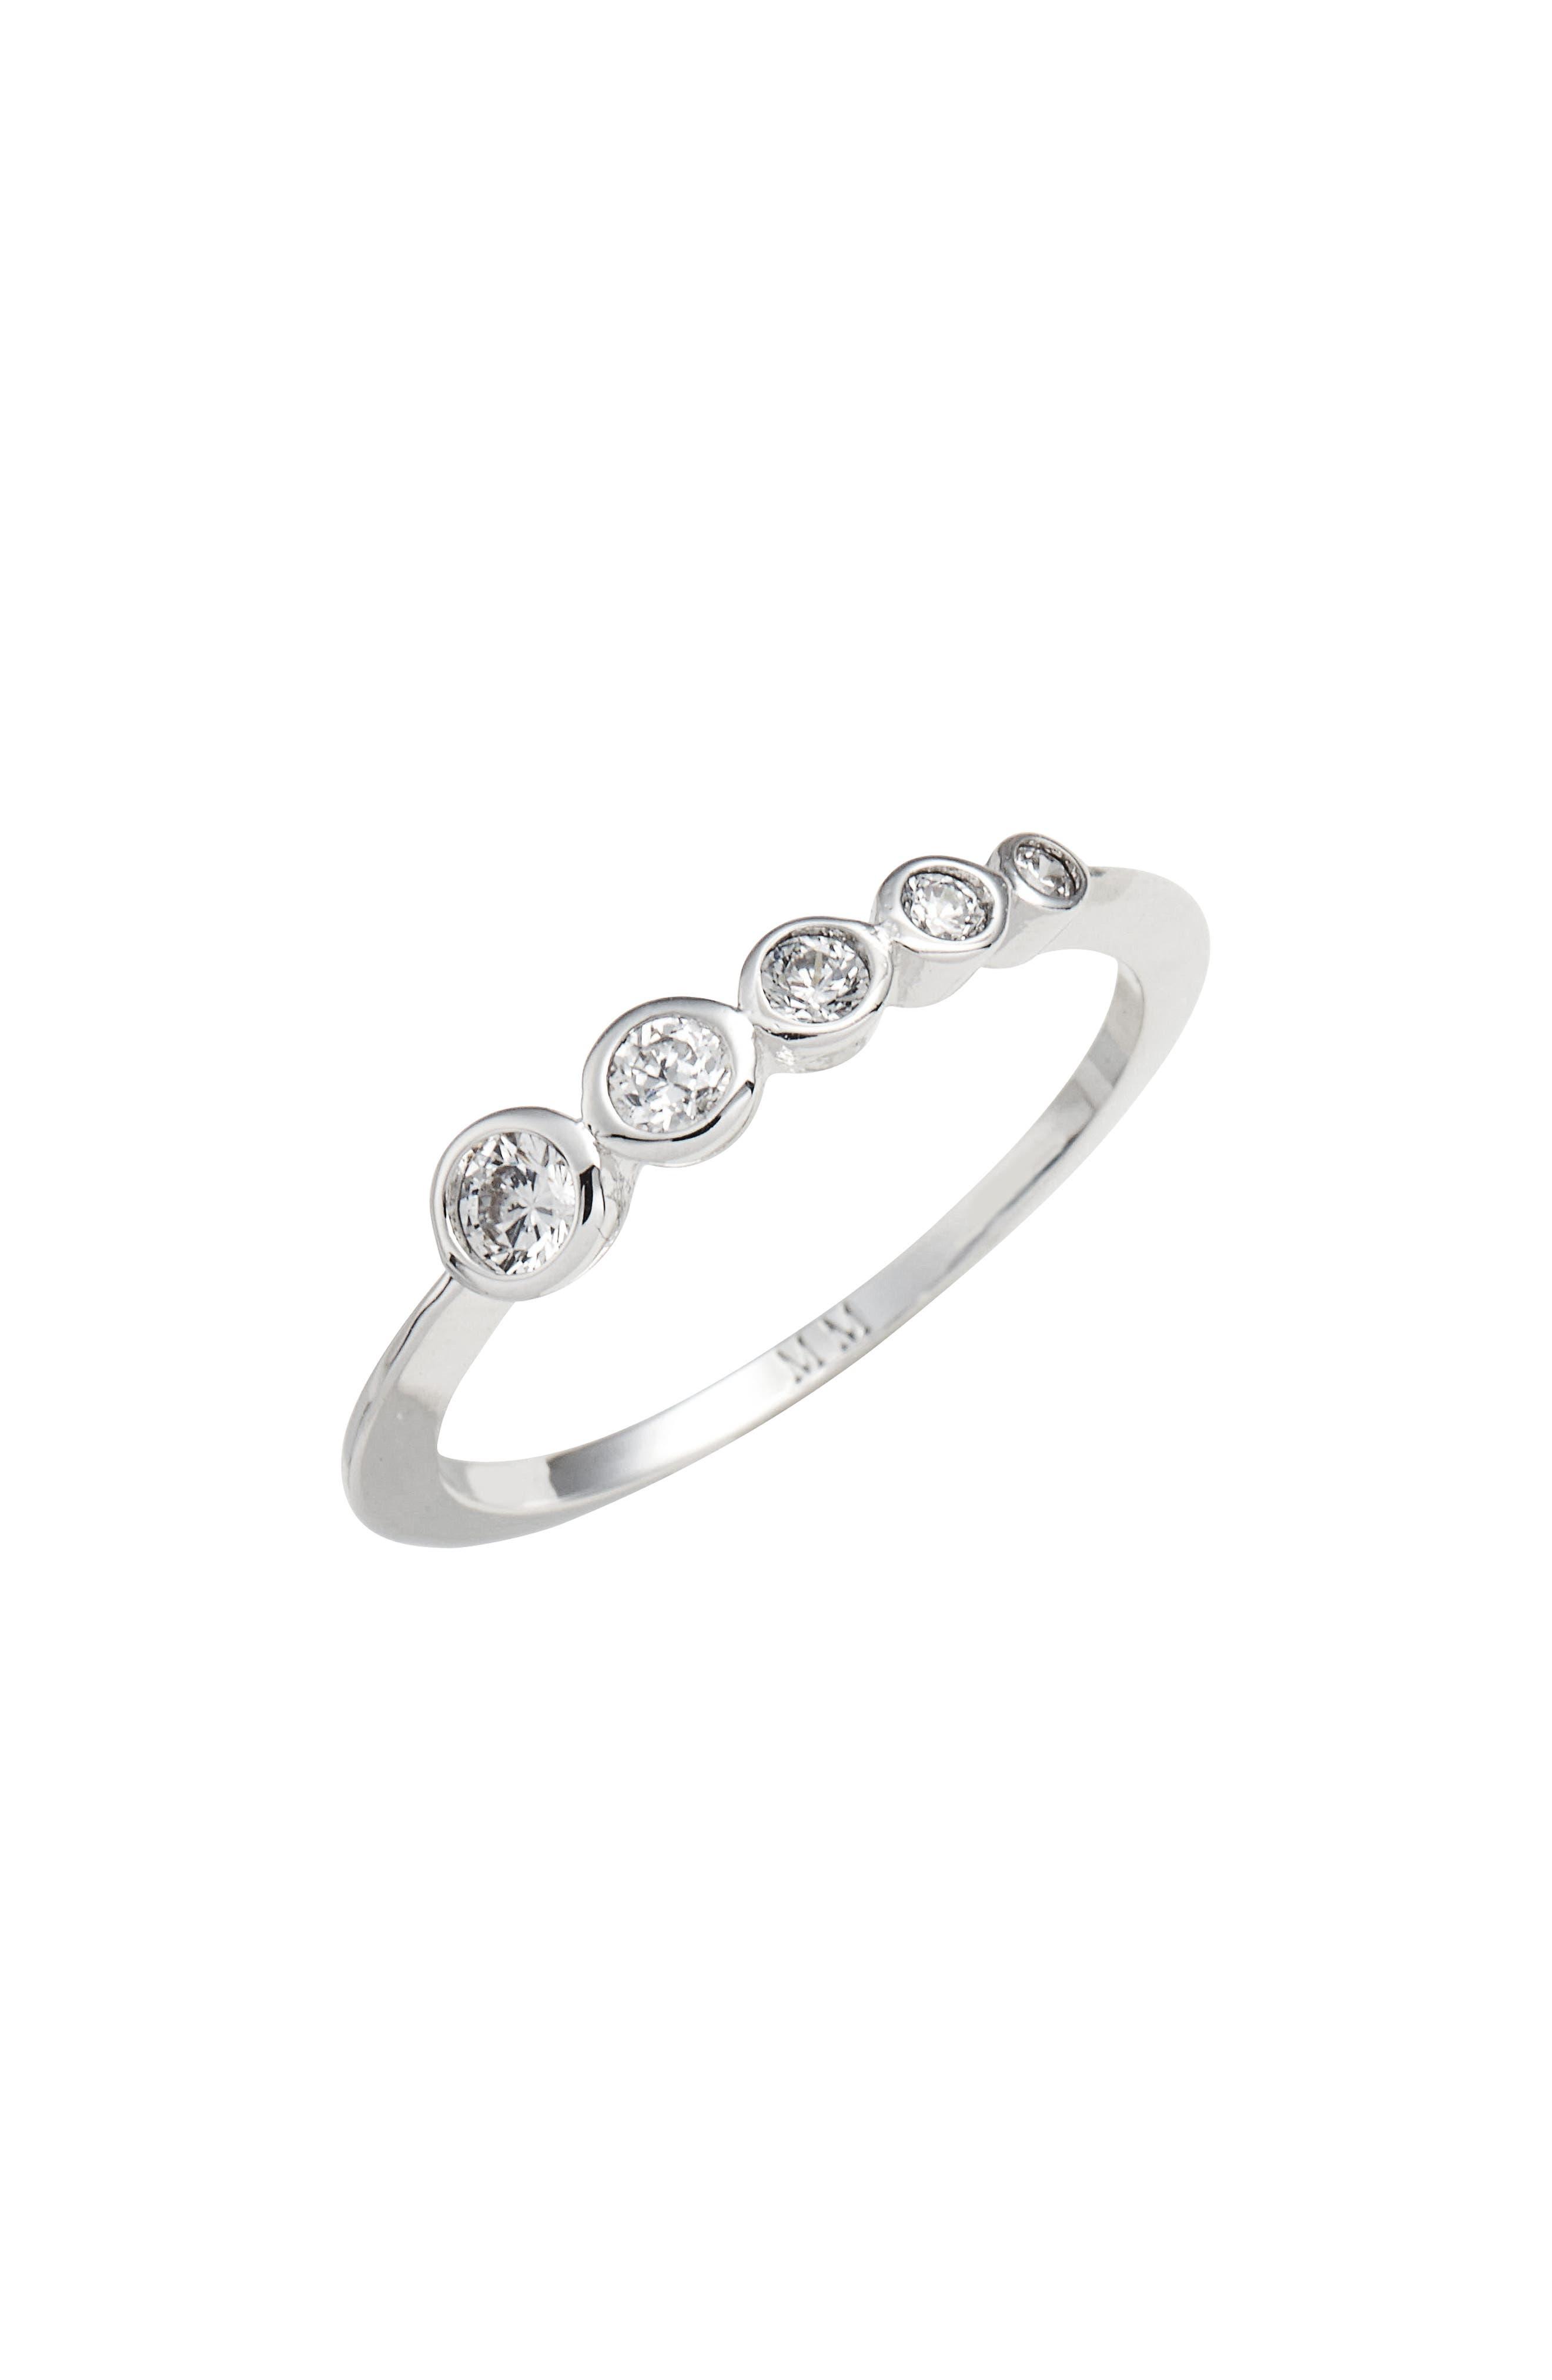 Main Image - Melinda Maria Julia Cluster Ring